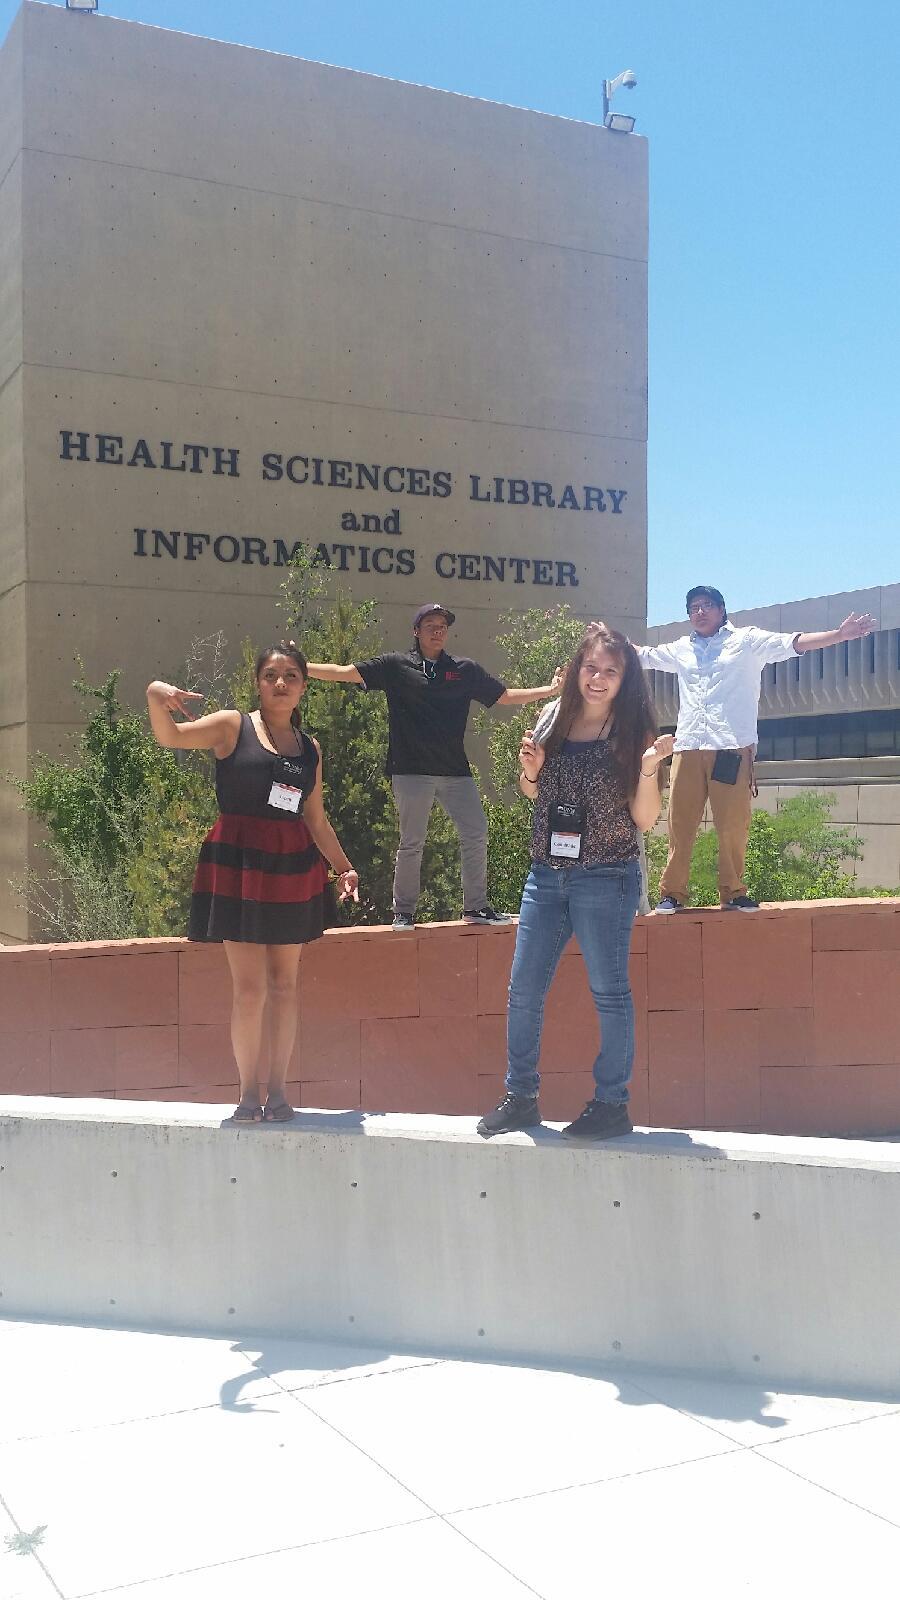 Étudiant posant à l'extérieur de la bibliothèque HS et du centre d'information.